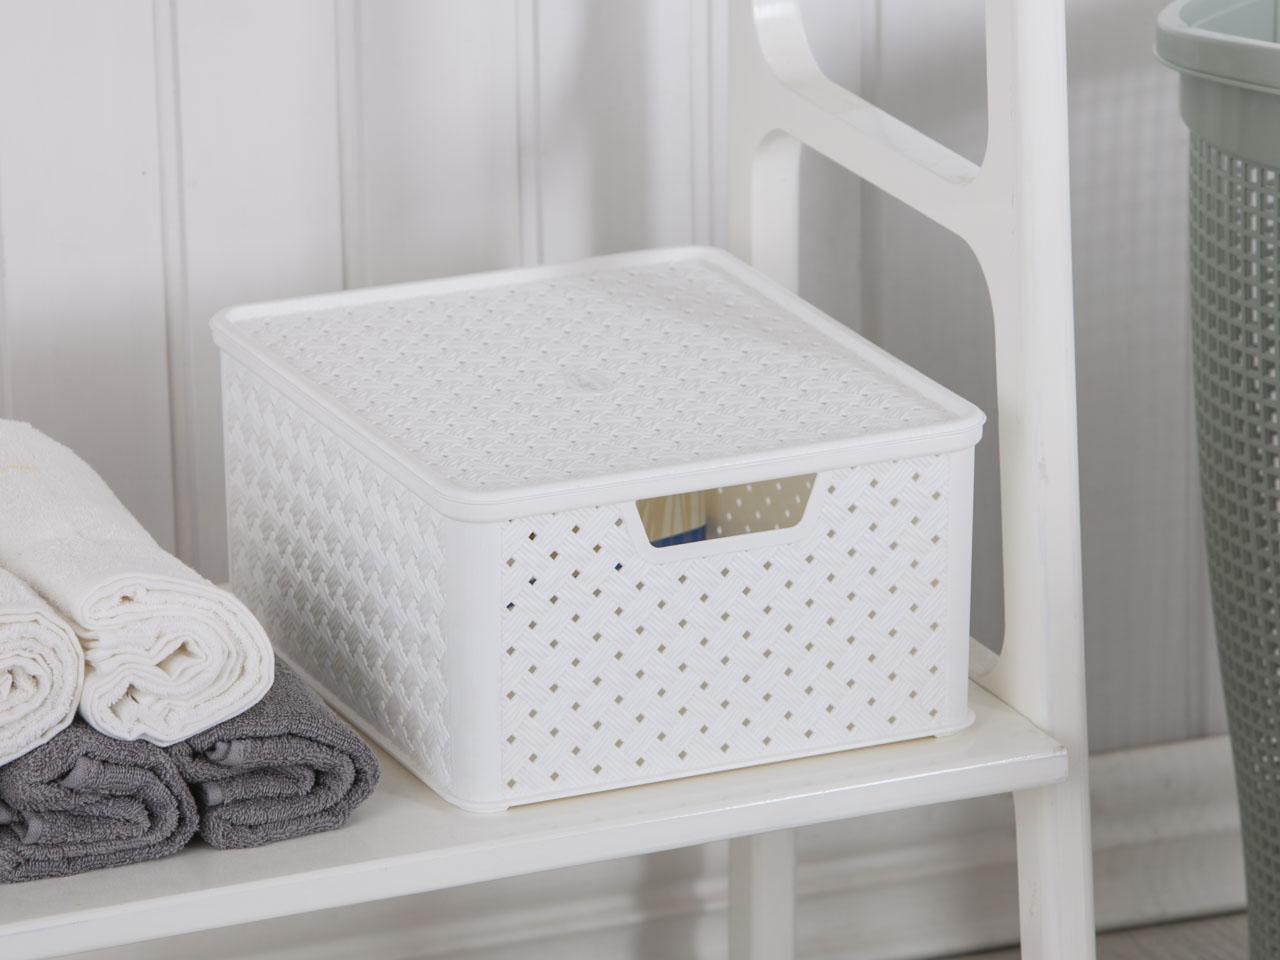 Koszyk / pojemnik do przechowywania duży z pokrywą Tontarelli Arianna 33,2x29x16,5 cm biały